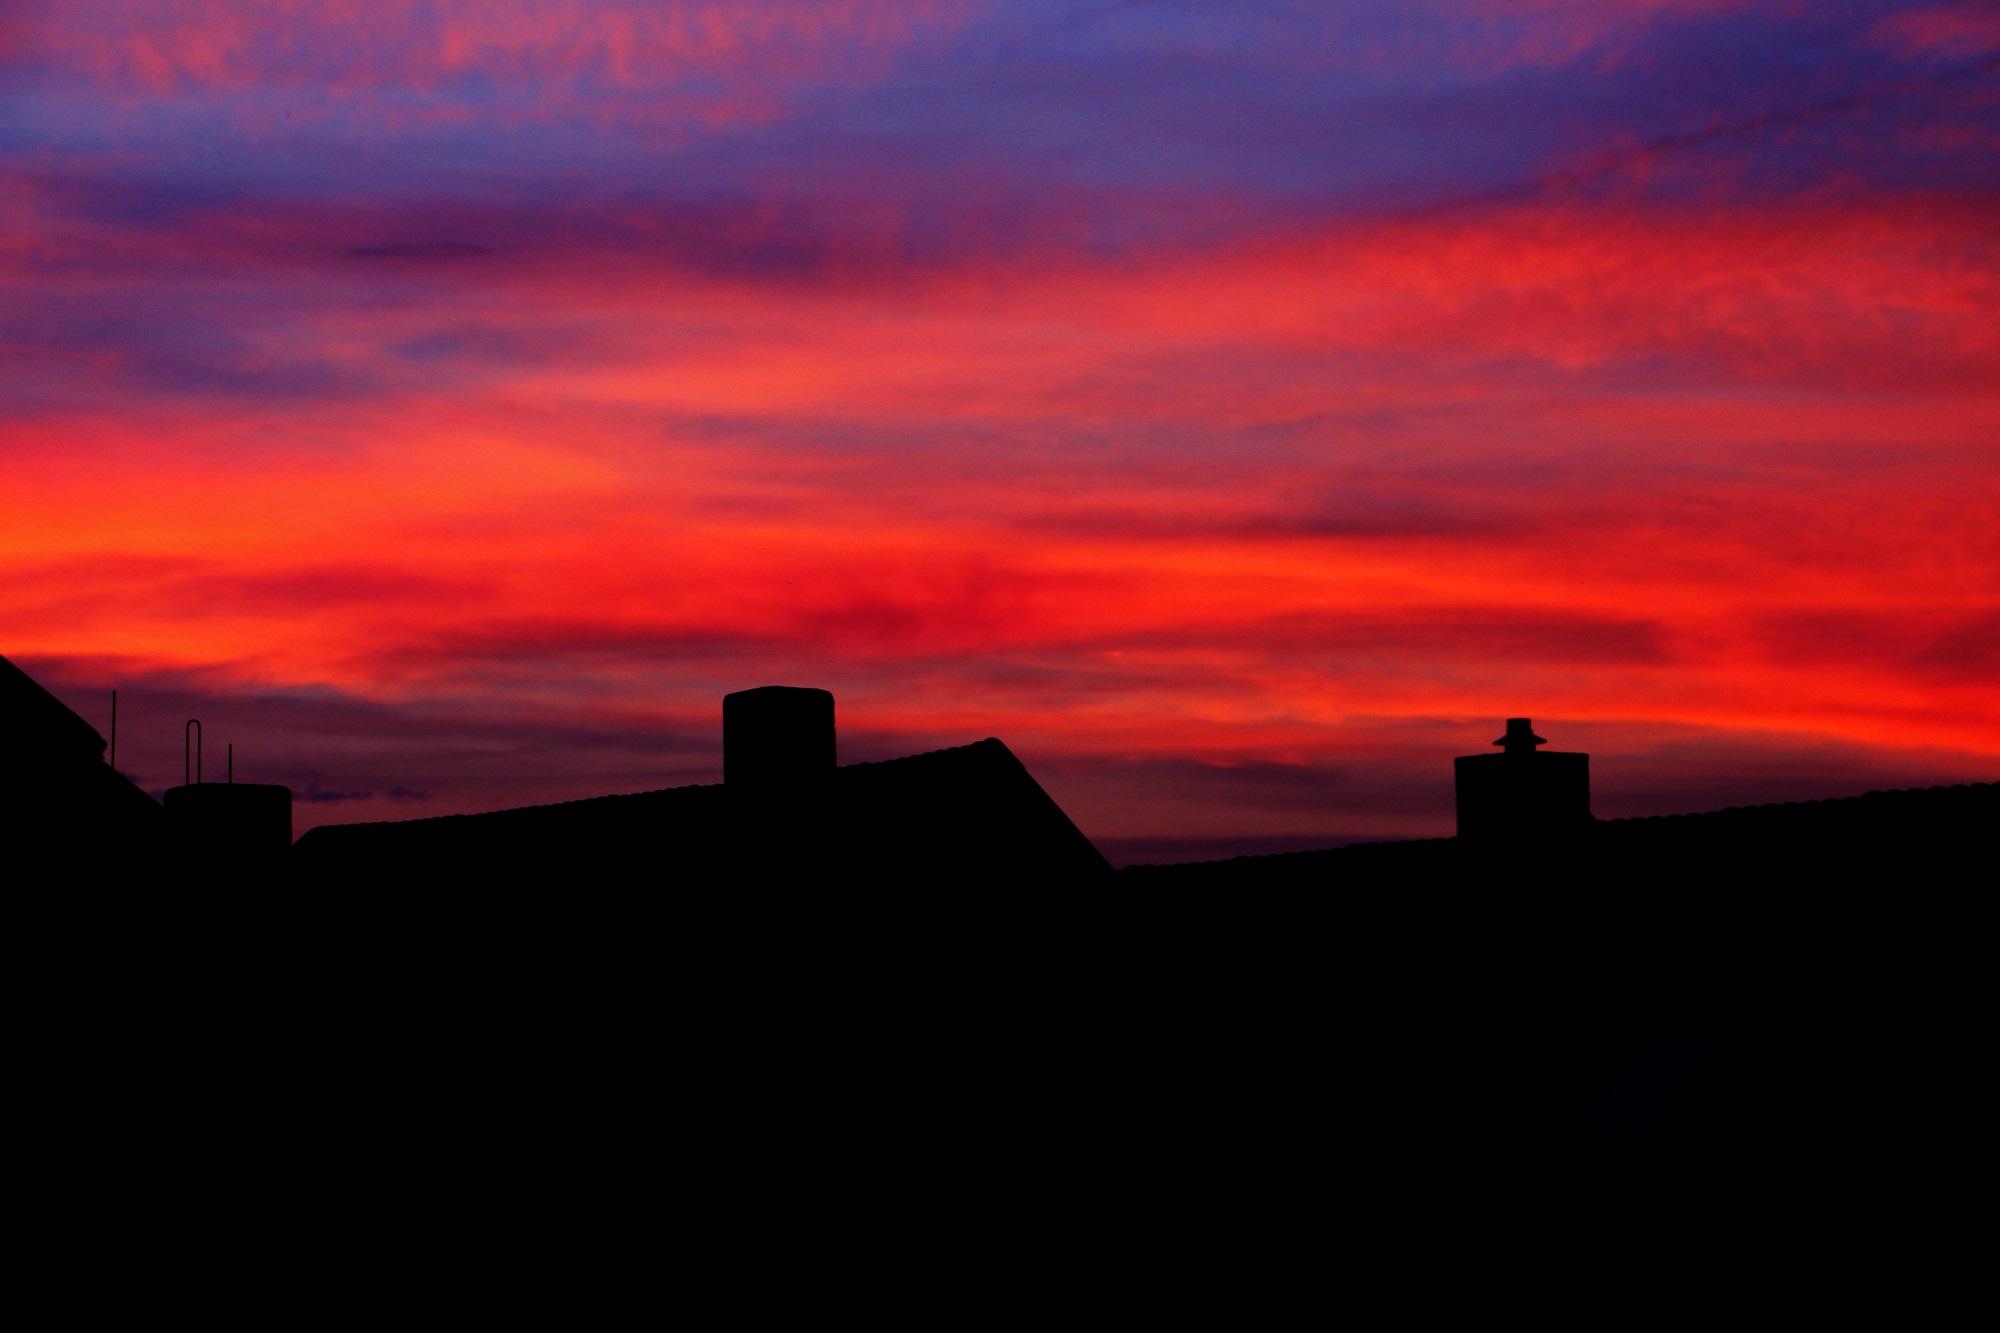 Foto: Sonnenuntergang, wub!